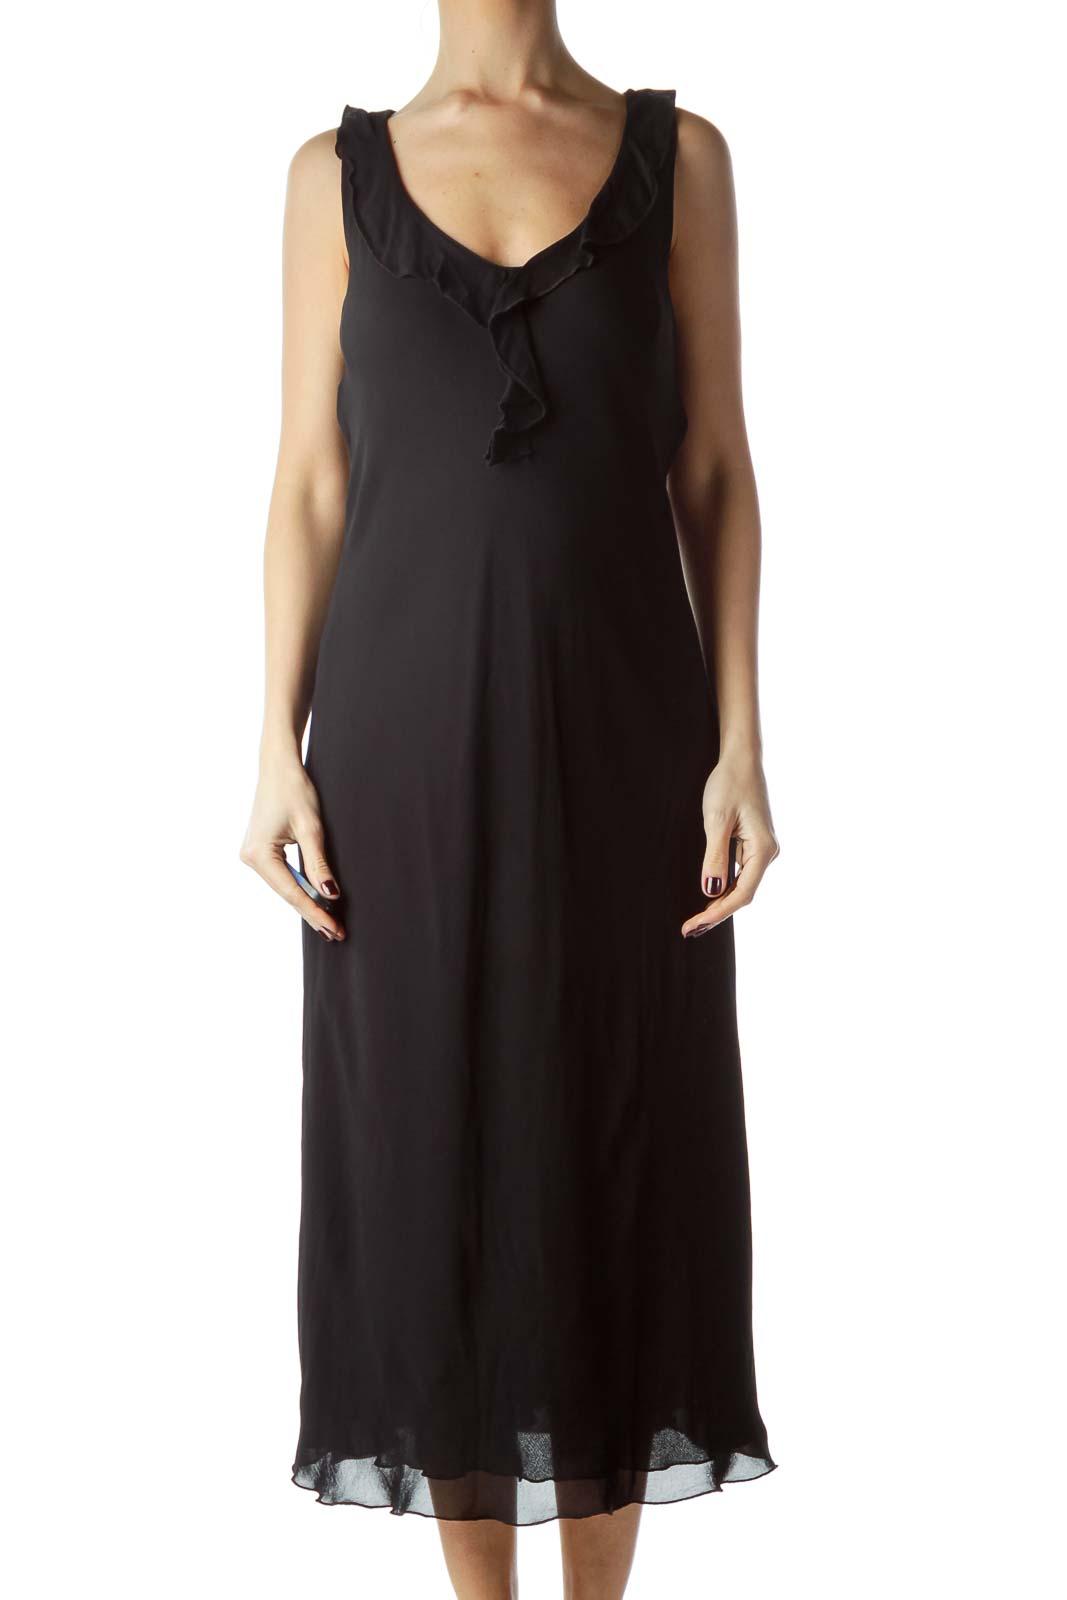 Black V-Neck Flared Neckline Shift Dress Front